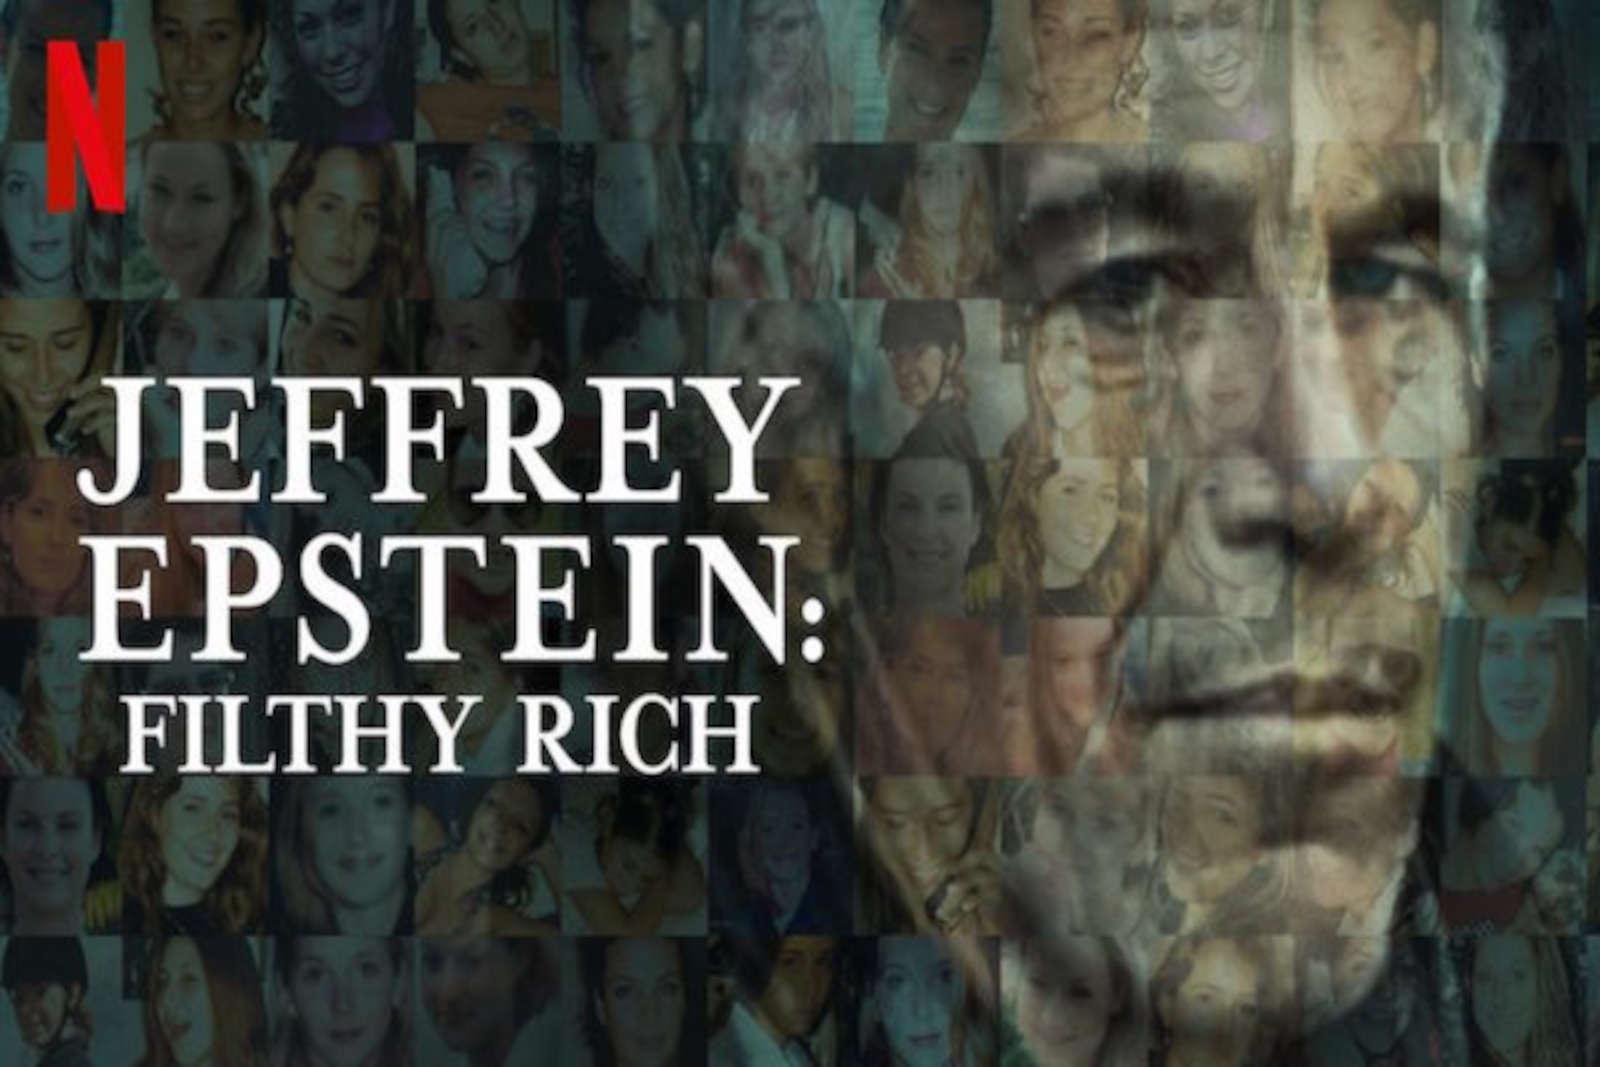 Filthy Rich, Jeffrey Epstein – en av alla bra dokumentärer